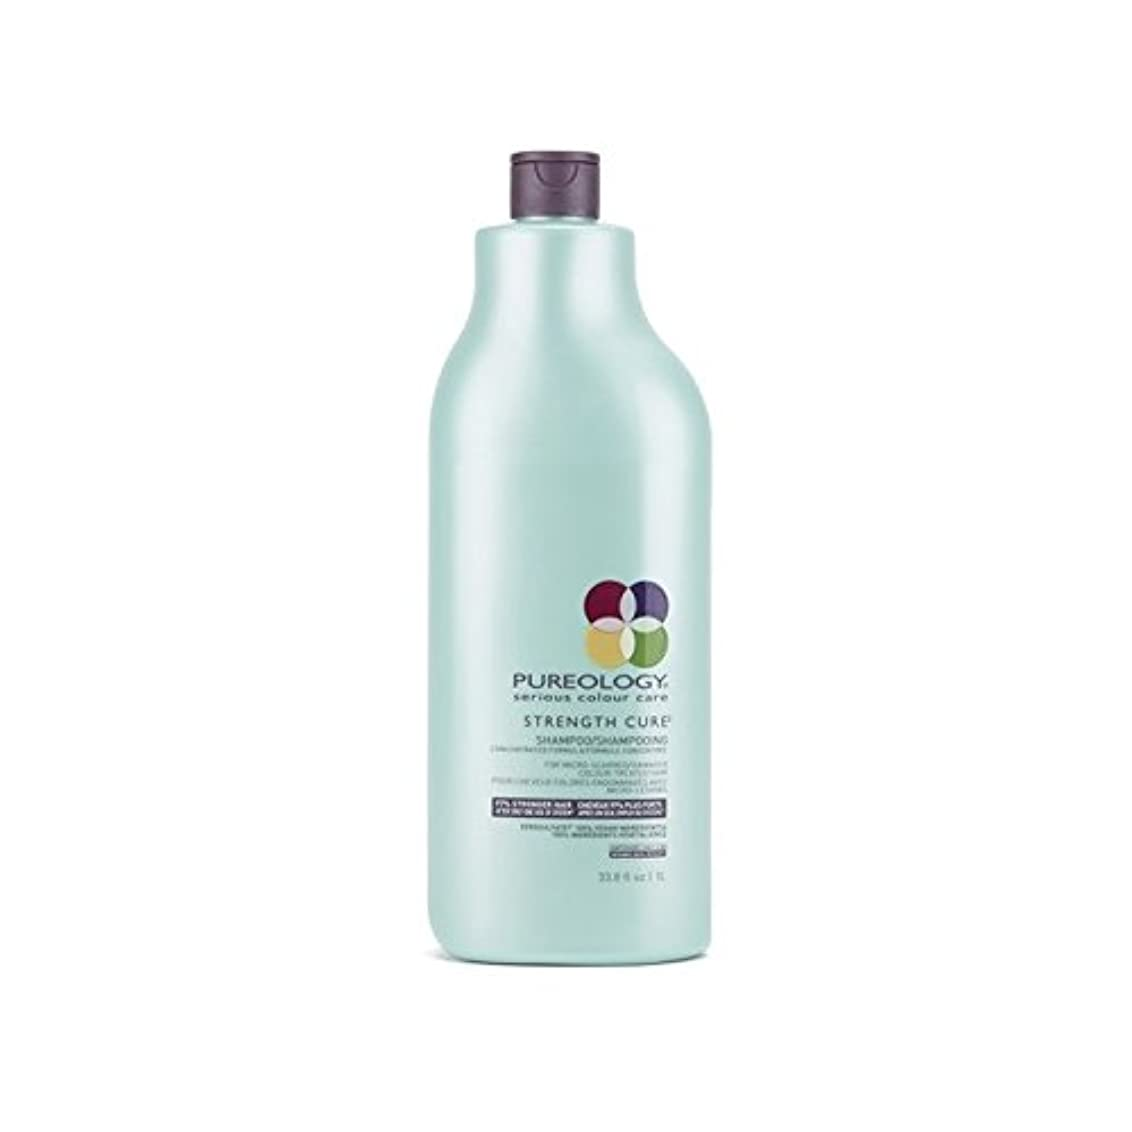 復活する介入するカメラ強度硬化シャンプー(千ミリリットル) x2 - Pureology Strength Cure Shampoo (1000ml) (Pack of 2) [並行輸入品]